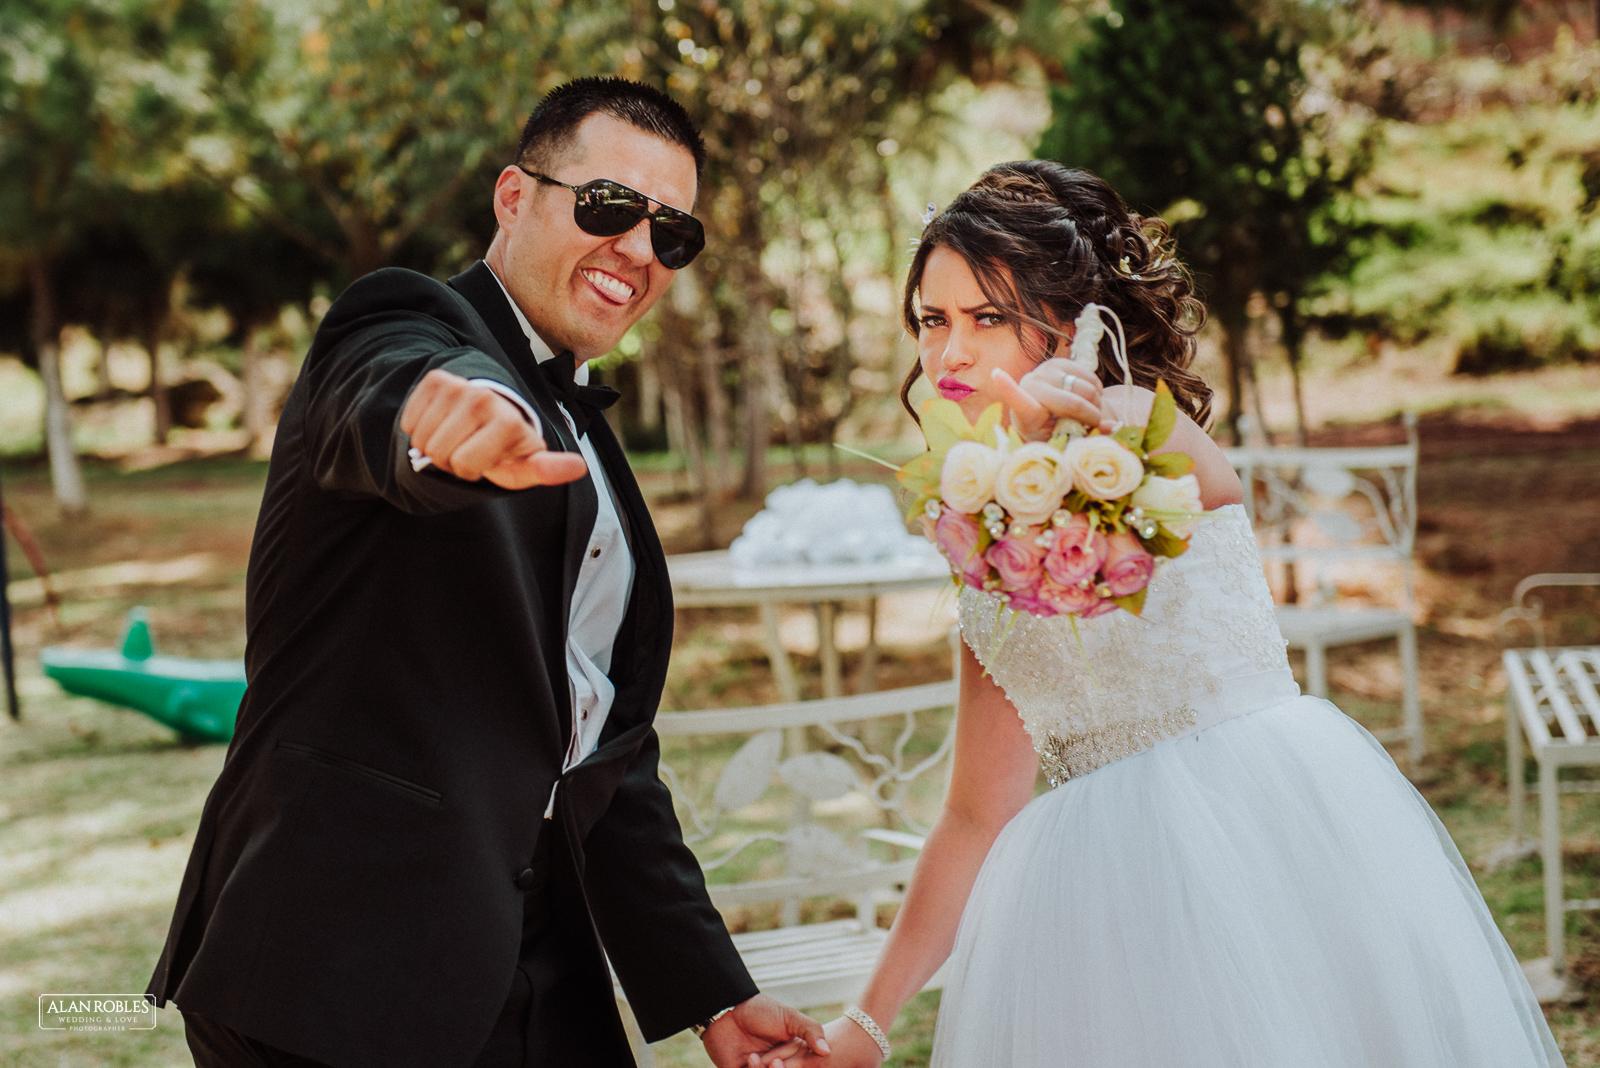 Fotografo de bodas Alan Robles-Michoacan-55